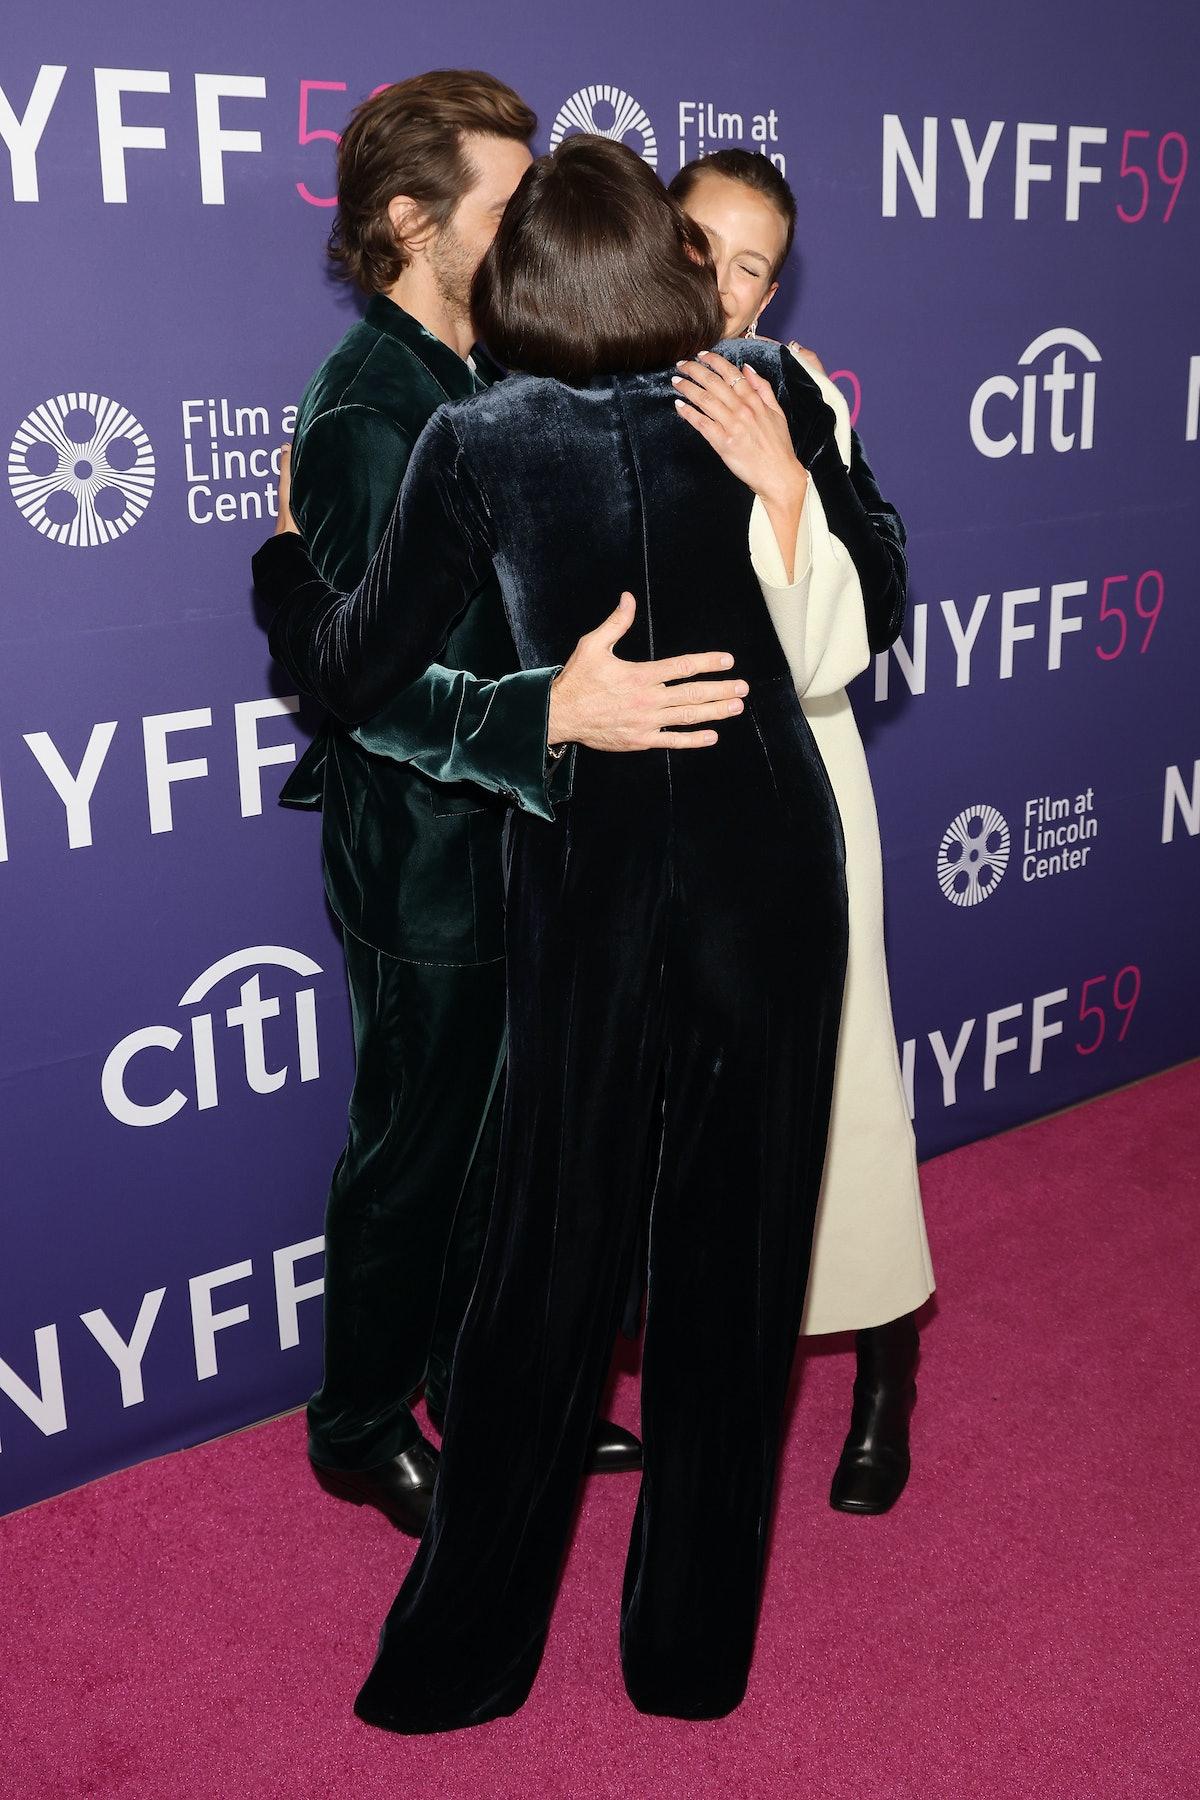 نیویورک ، نیویورک - 29 سپتامبر: مگی جیلنهال جیک جیلنهال و ژان کادیو را در محل بغل در آغوش می گیرد ...